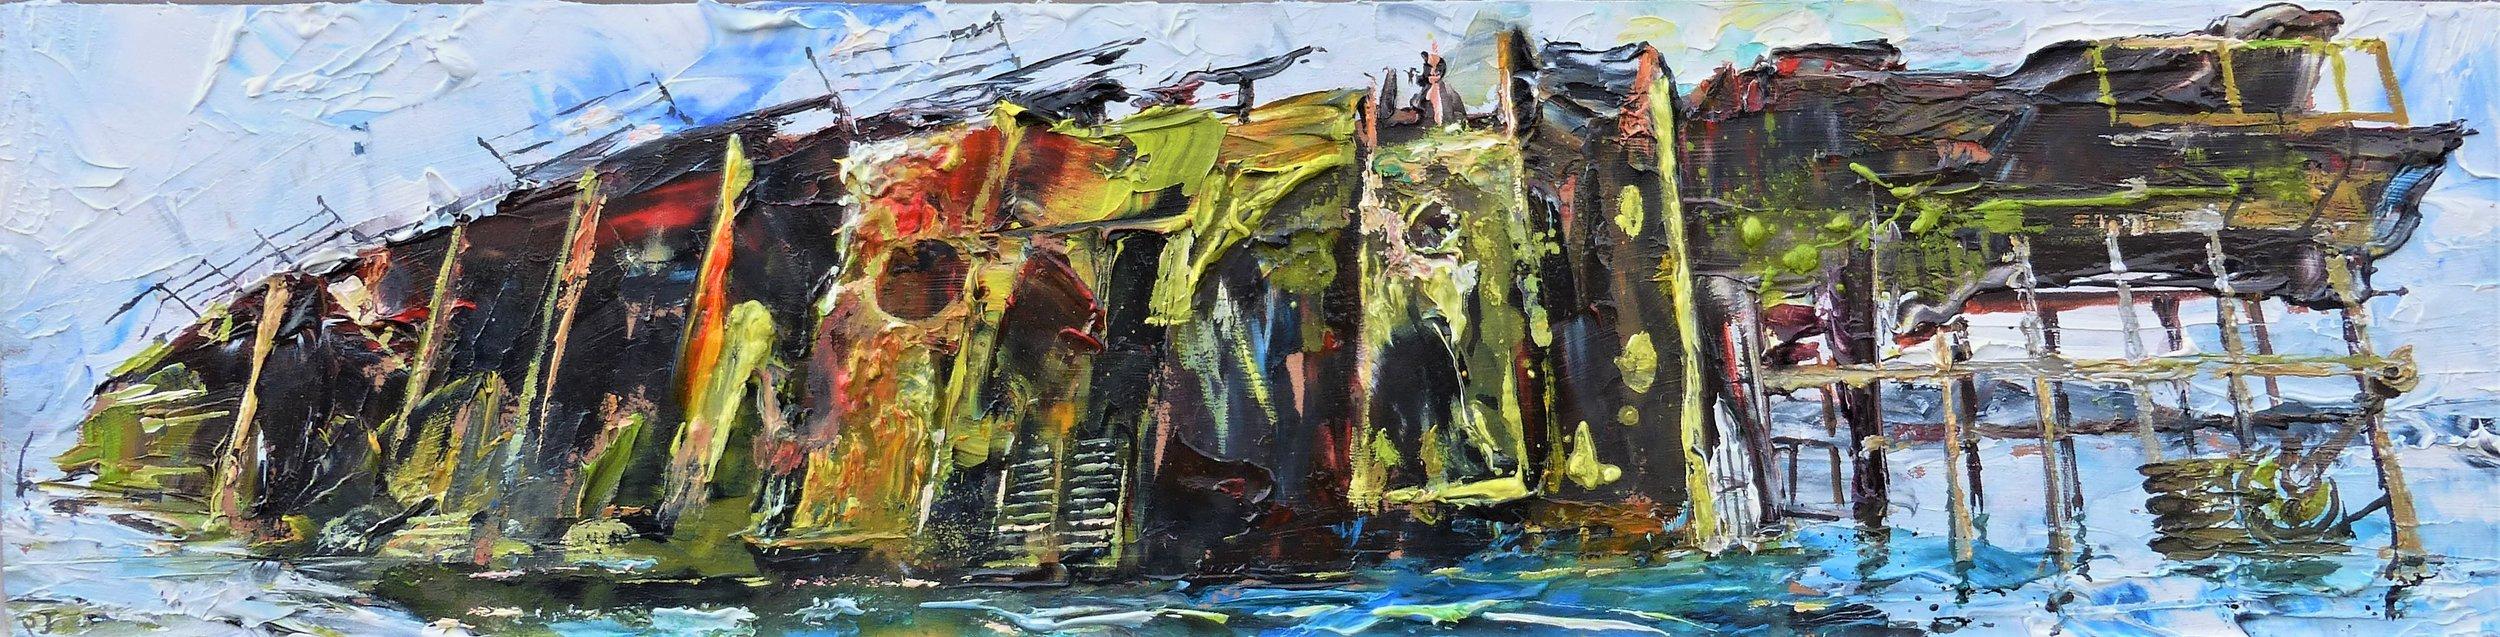 The Reginald, Orkney blockship